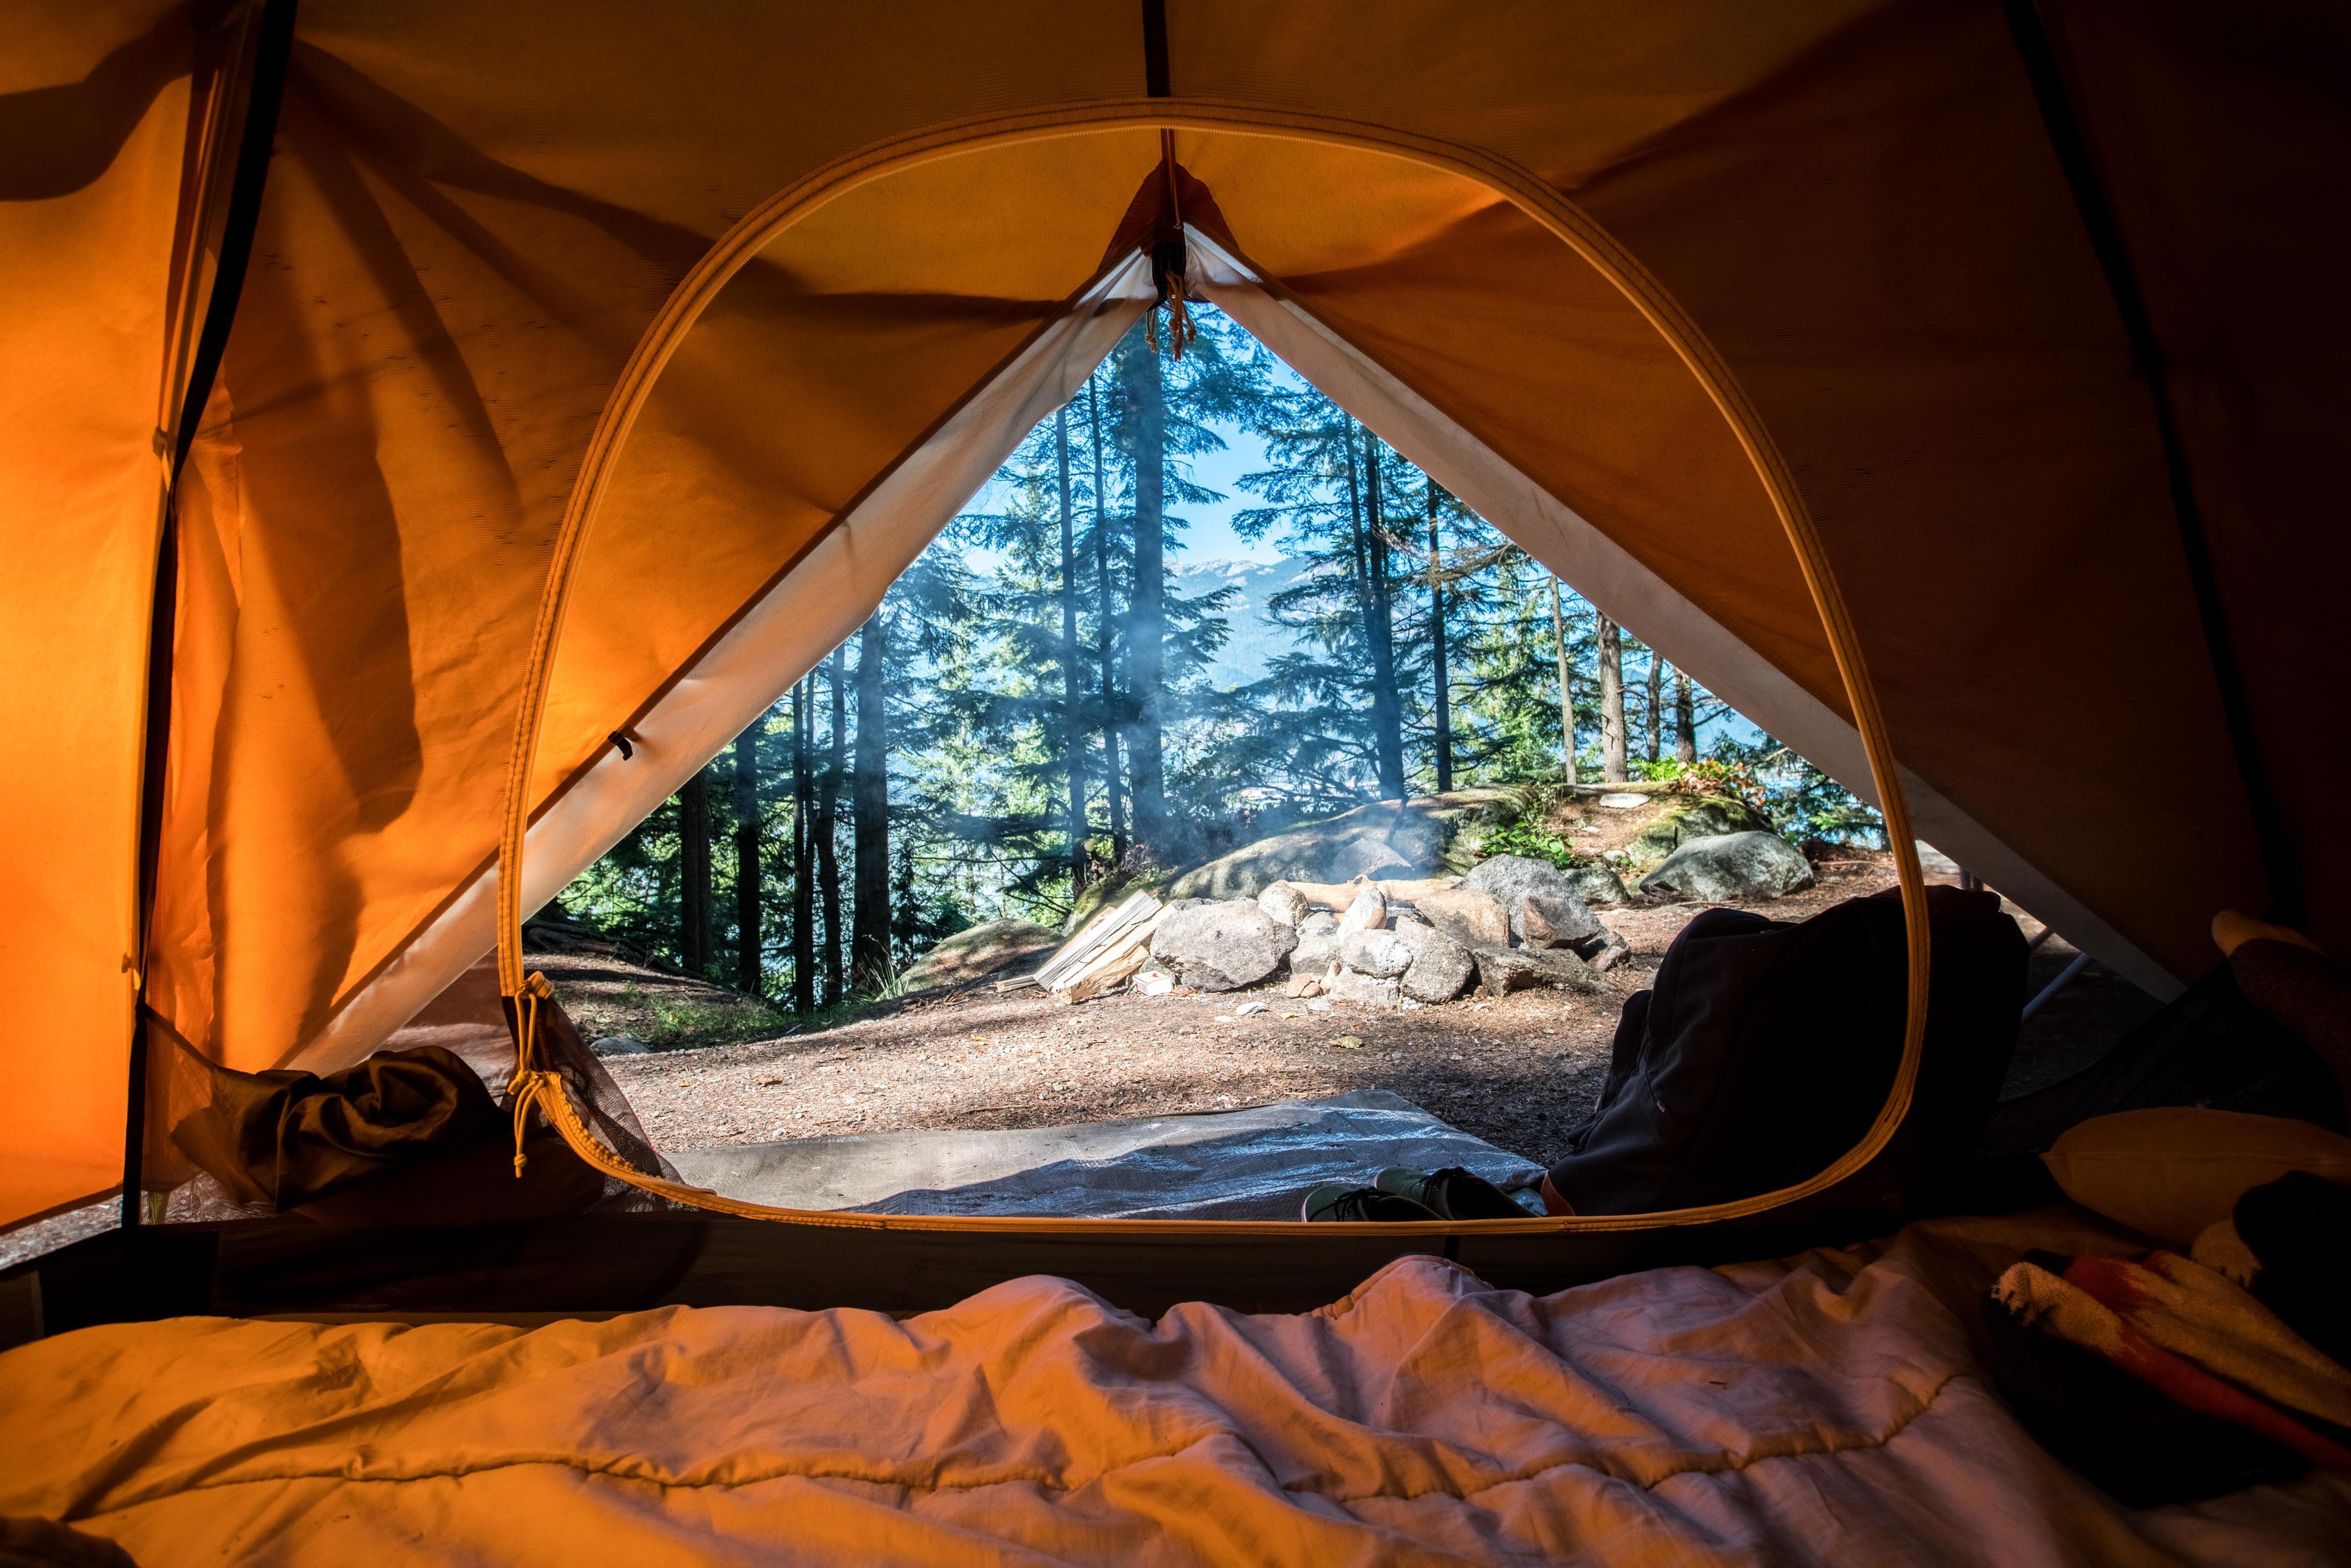 Scott-goodwill-camping